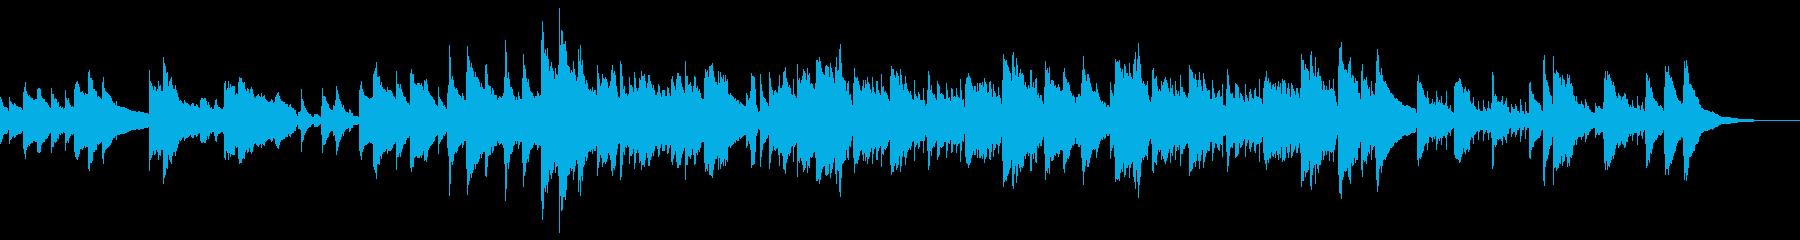 ギター一本のアラビアンテイストなインストの再生済みの波形